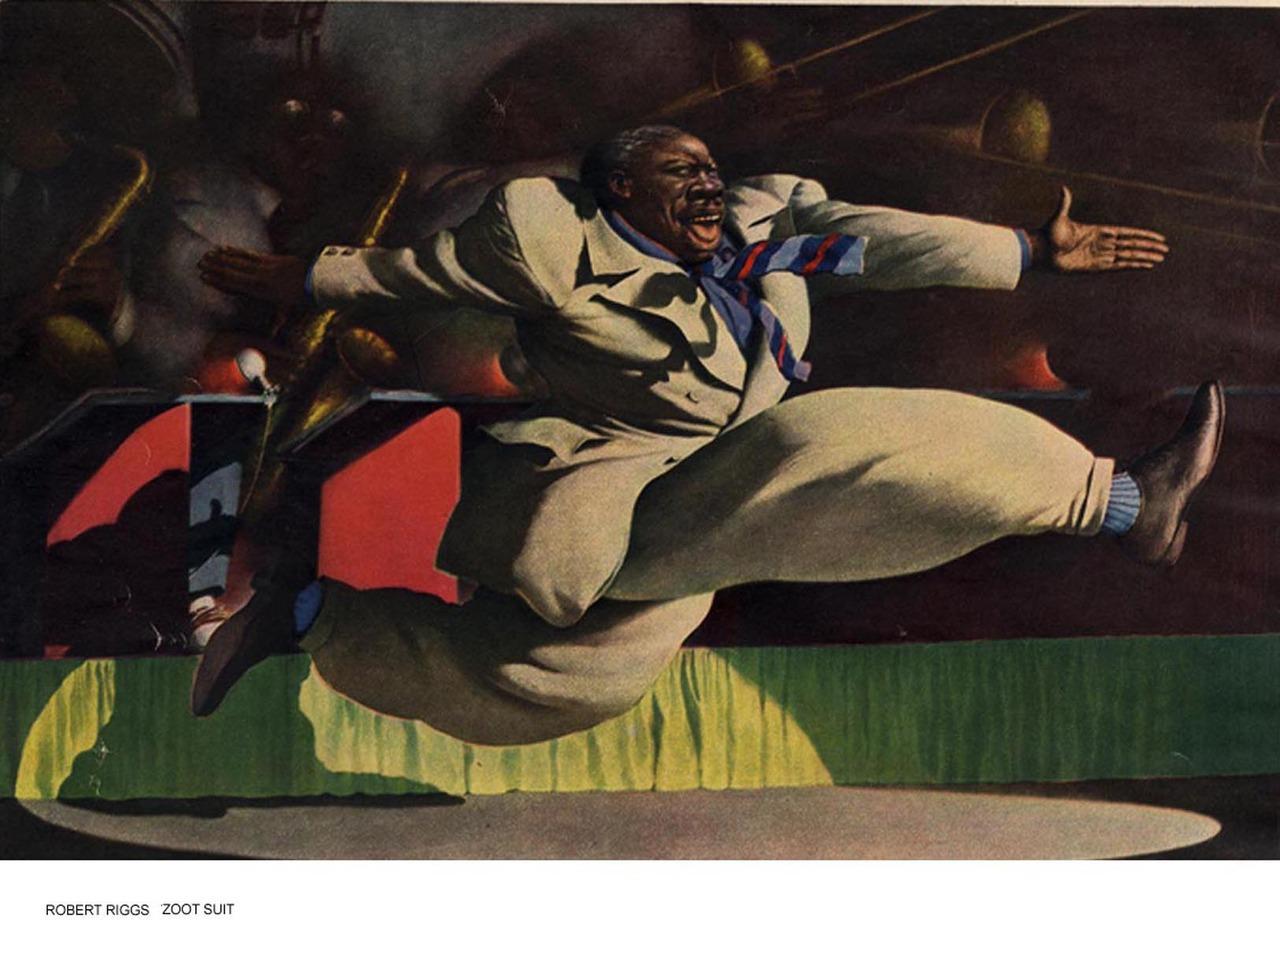 Robert Riggs - Zoot Suit (1947)